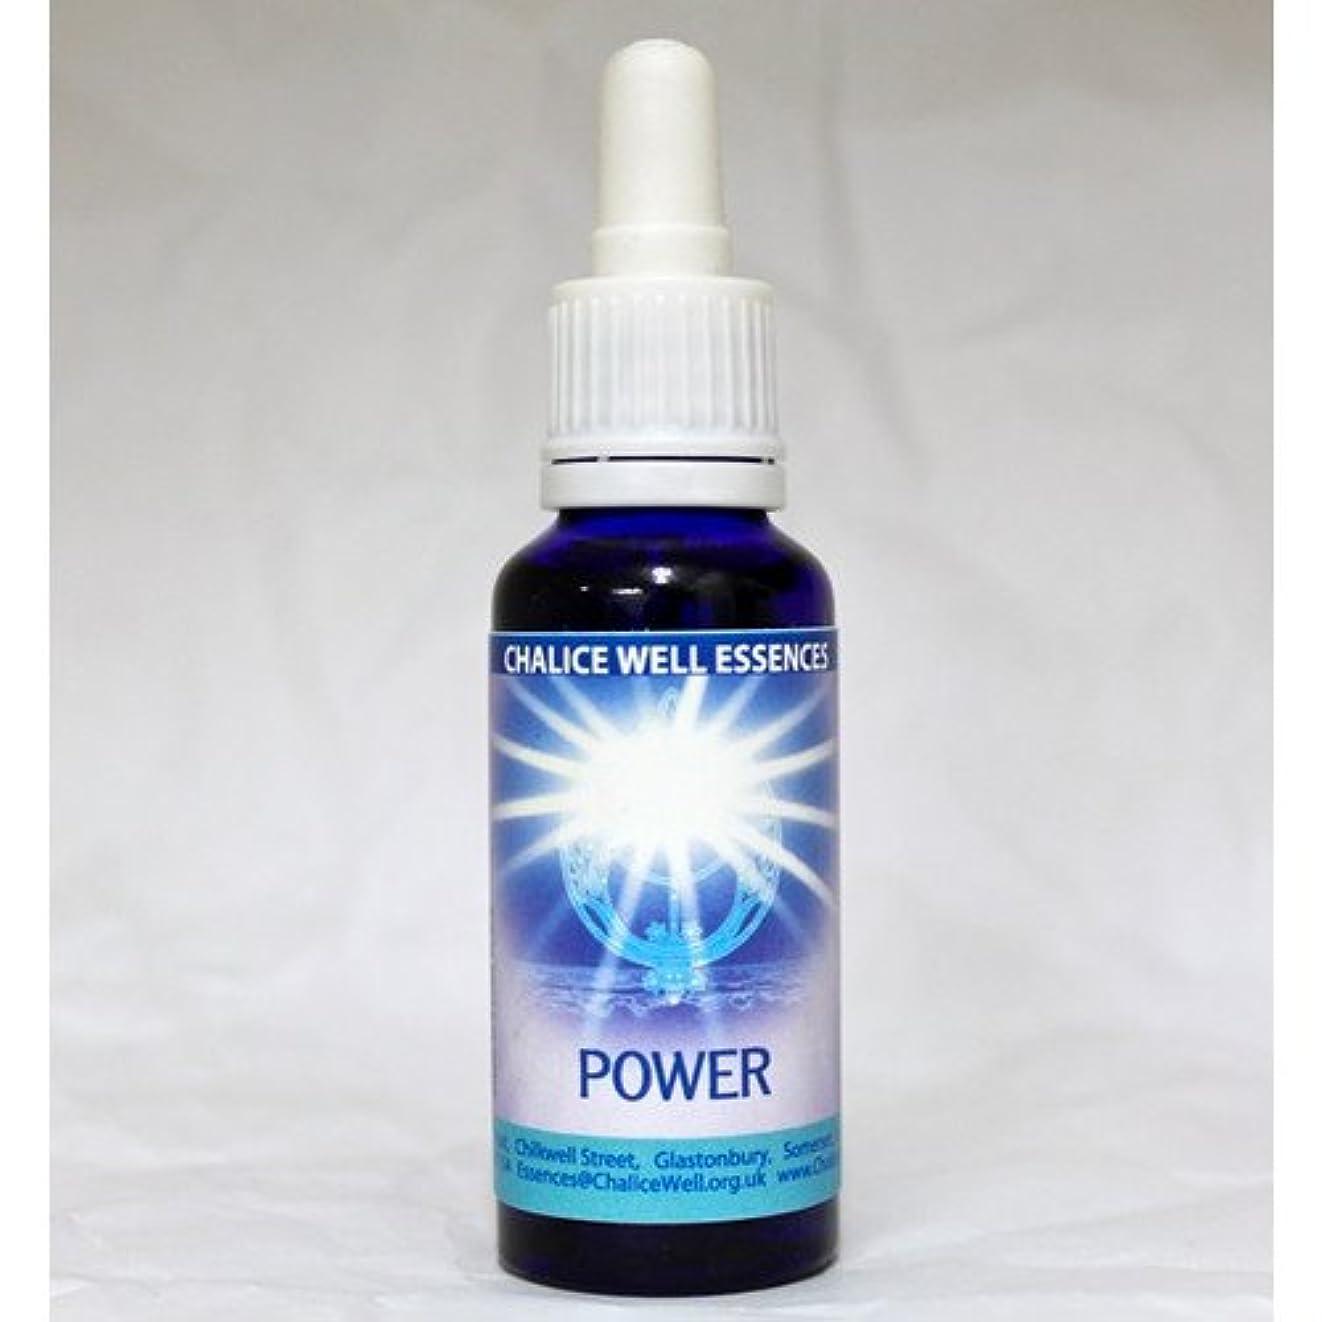 シリアル子供時代完璧なチャリスウェル エッセンス ヘブンオンアース Heaven on Earth パワー Power 30ml